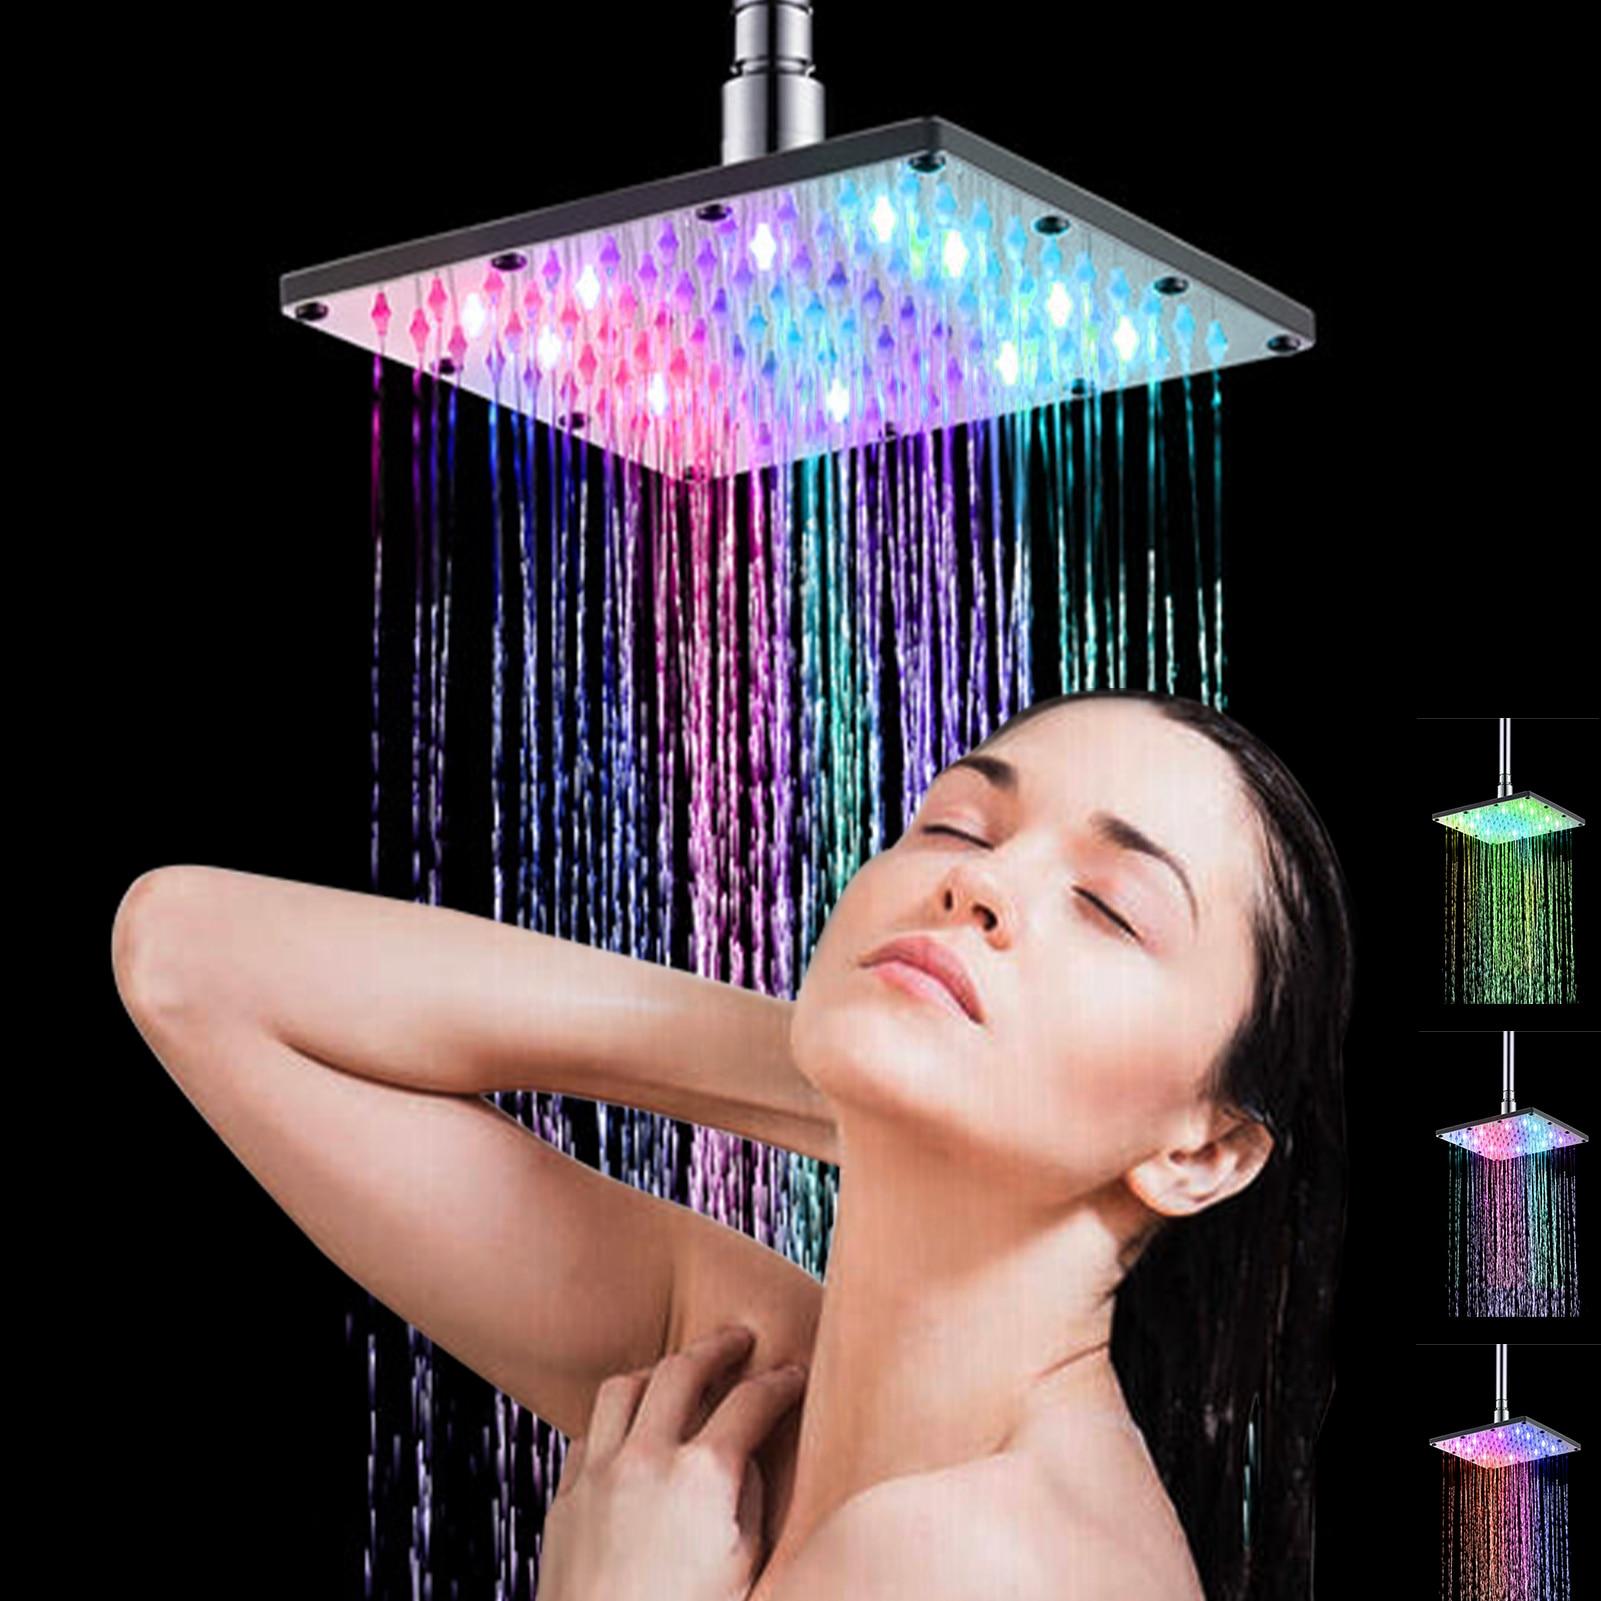 8 بوصة LED الأمطار دش رئيس مربع دش رئيس تلقائيا RGB اللون تغيير درجة الحرارة الاستشعار دش رئيس للحمام